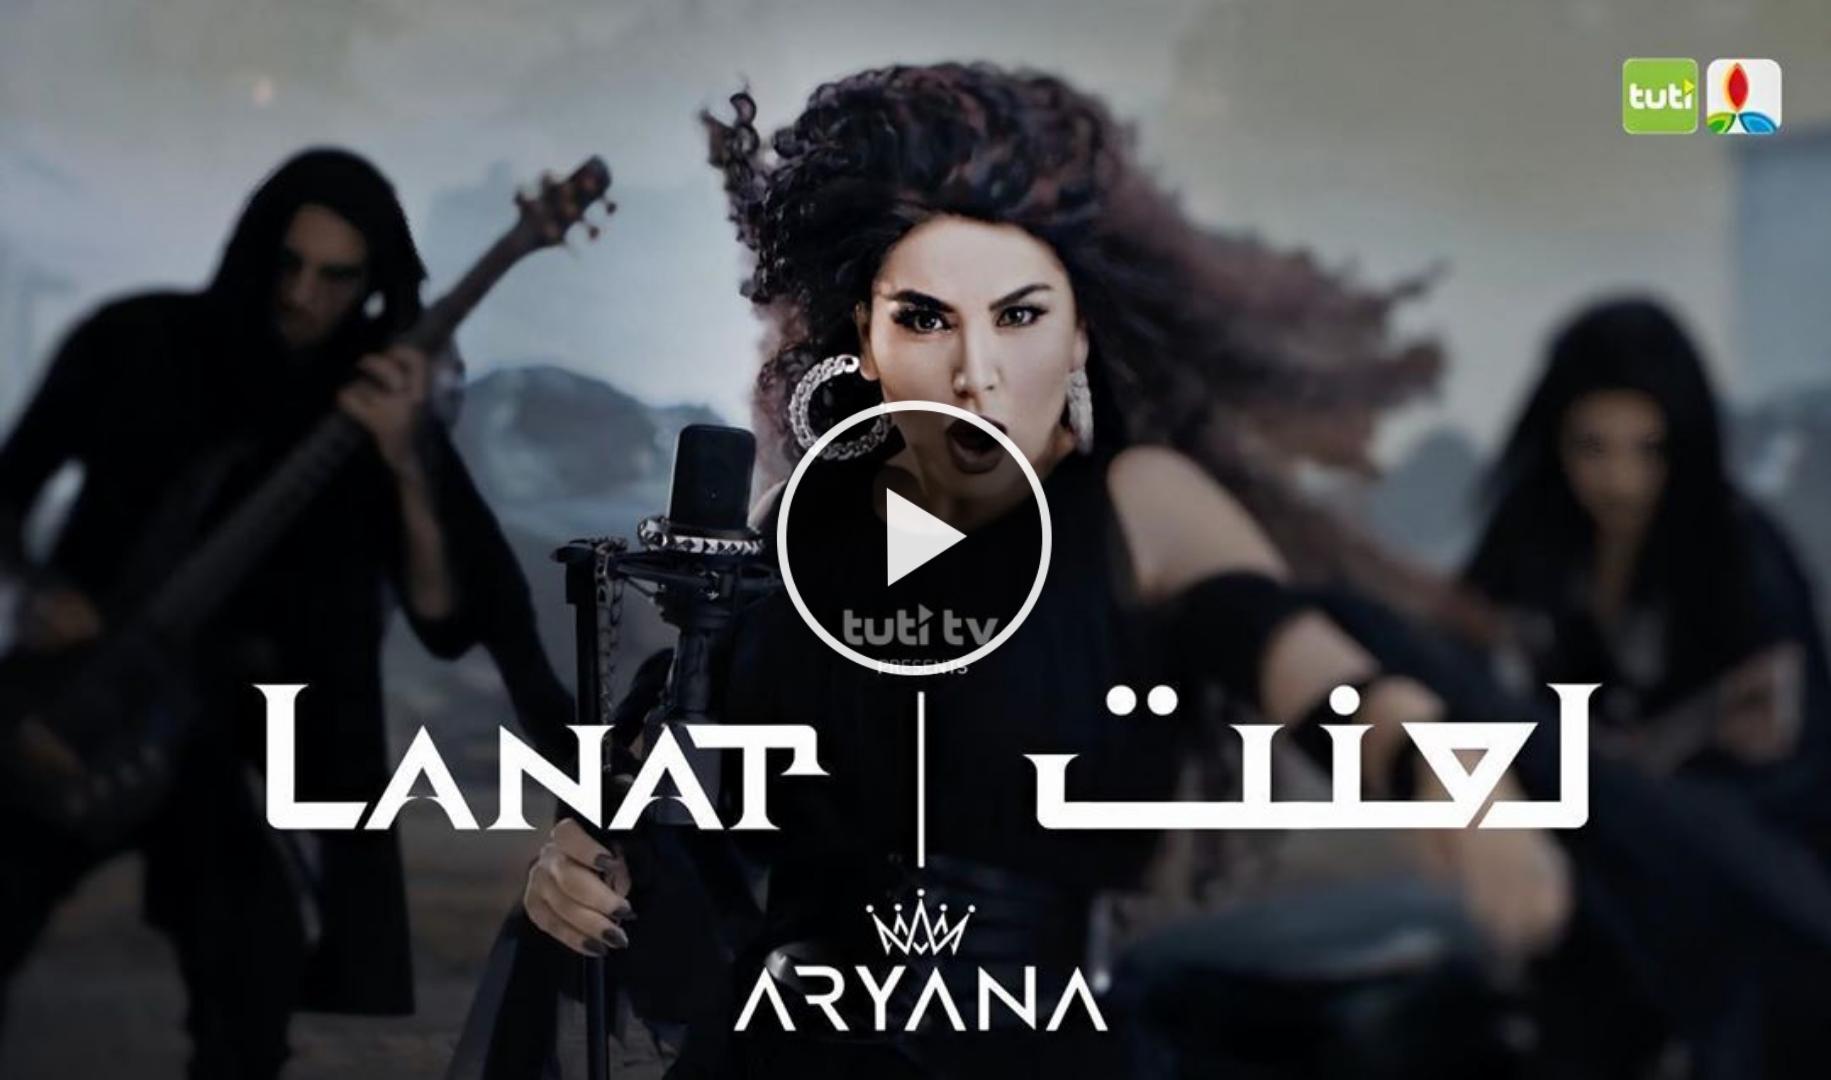 Aryana Sayeed Lanat song